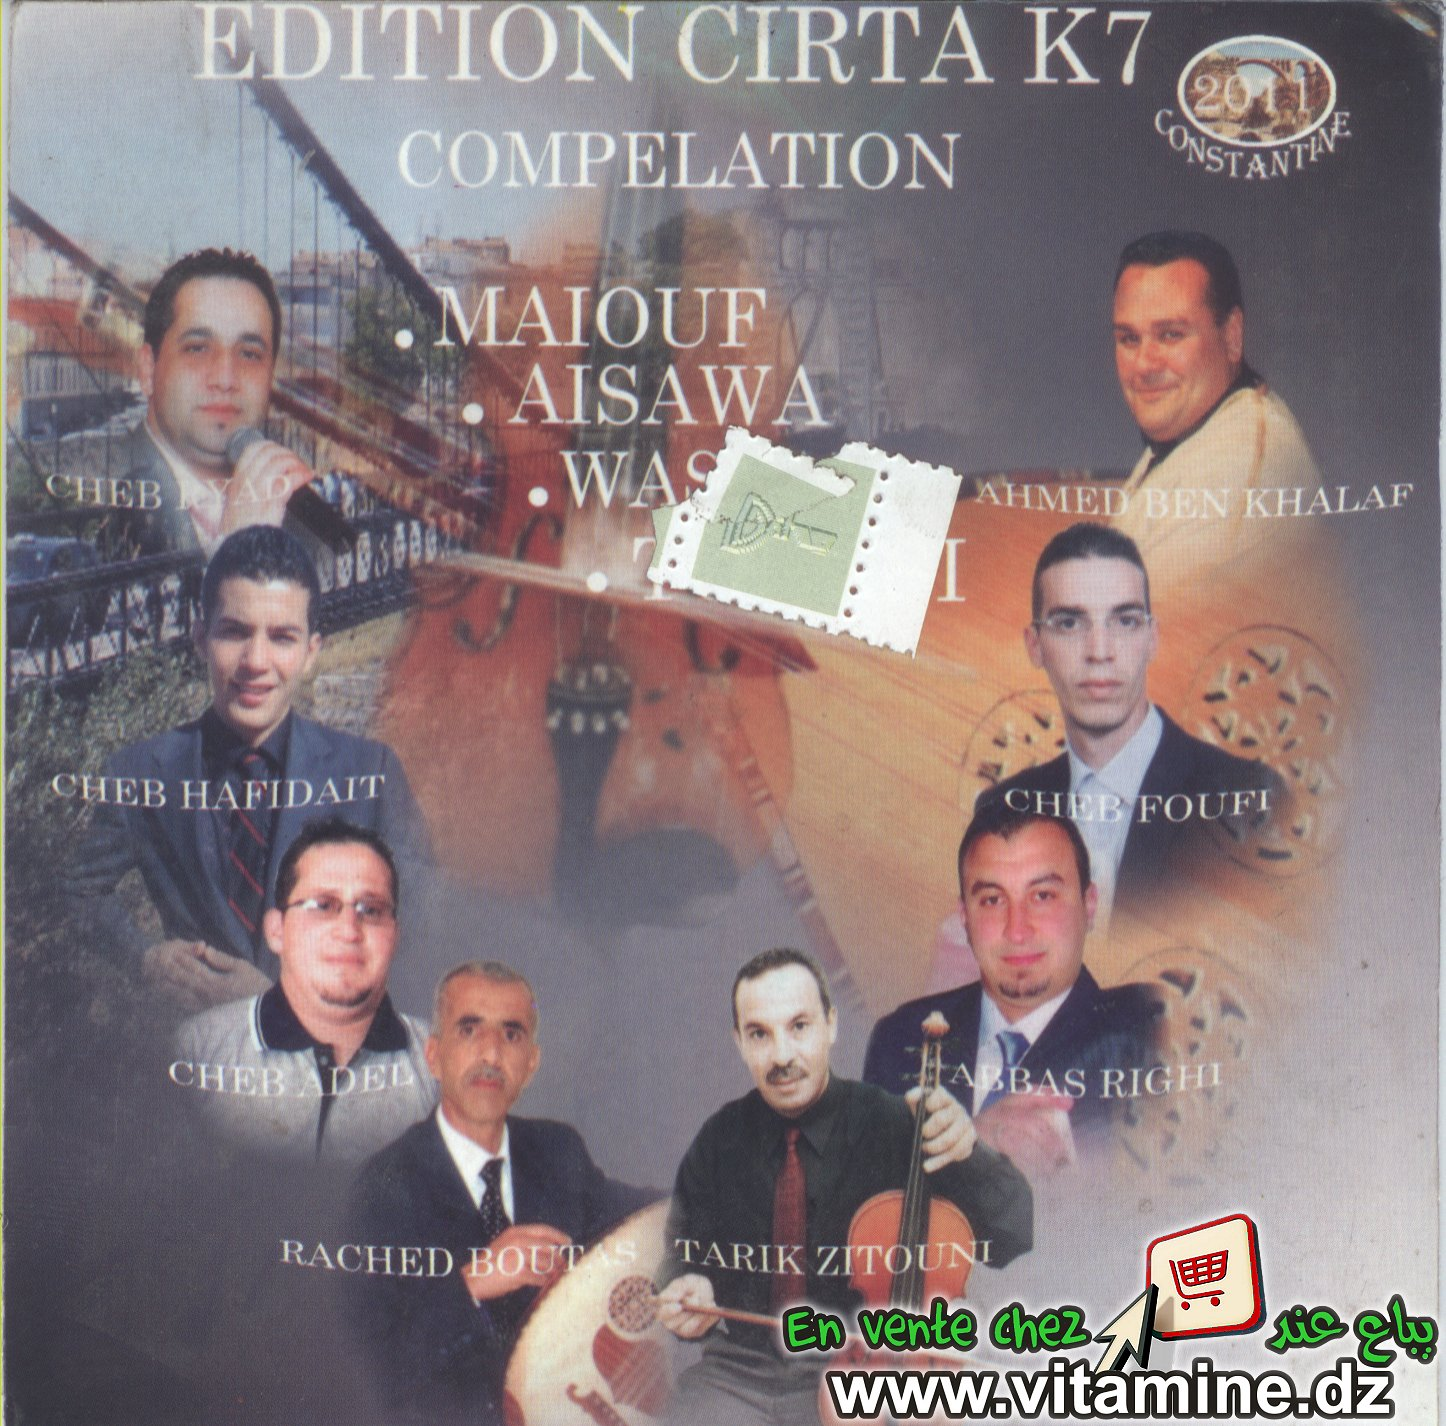 Malouf, Aissawa, Wasfane, Tounsi - compilation